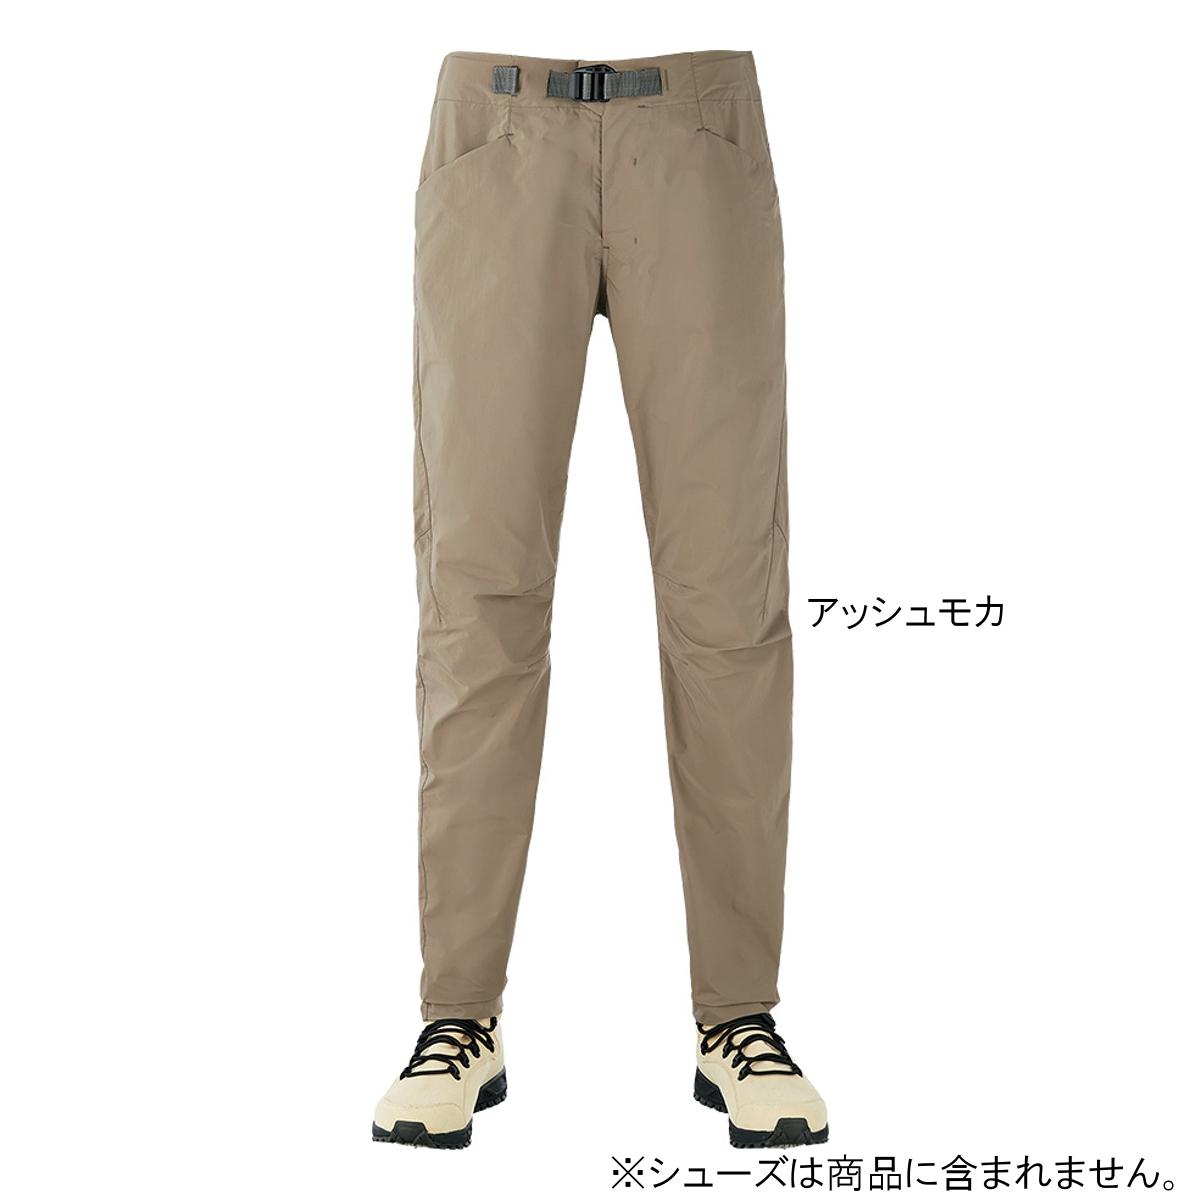 ダイワ 撥水ストレッチアクティブロングパンツ DP-80009 XL アッシュモカ(東日本店)